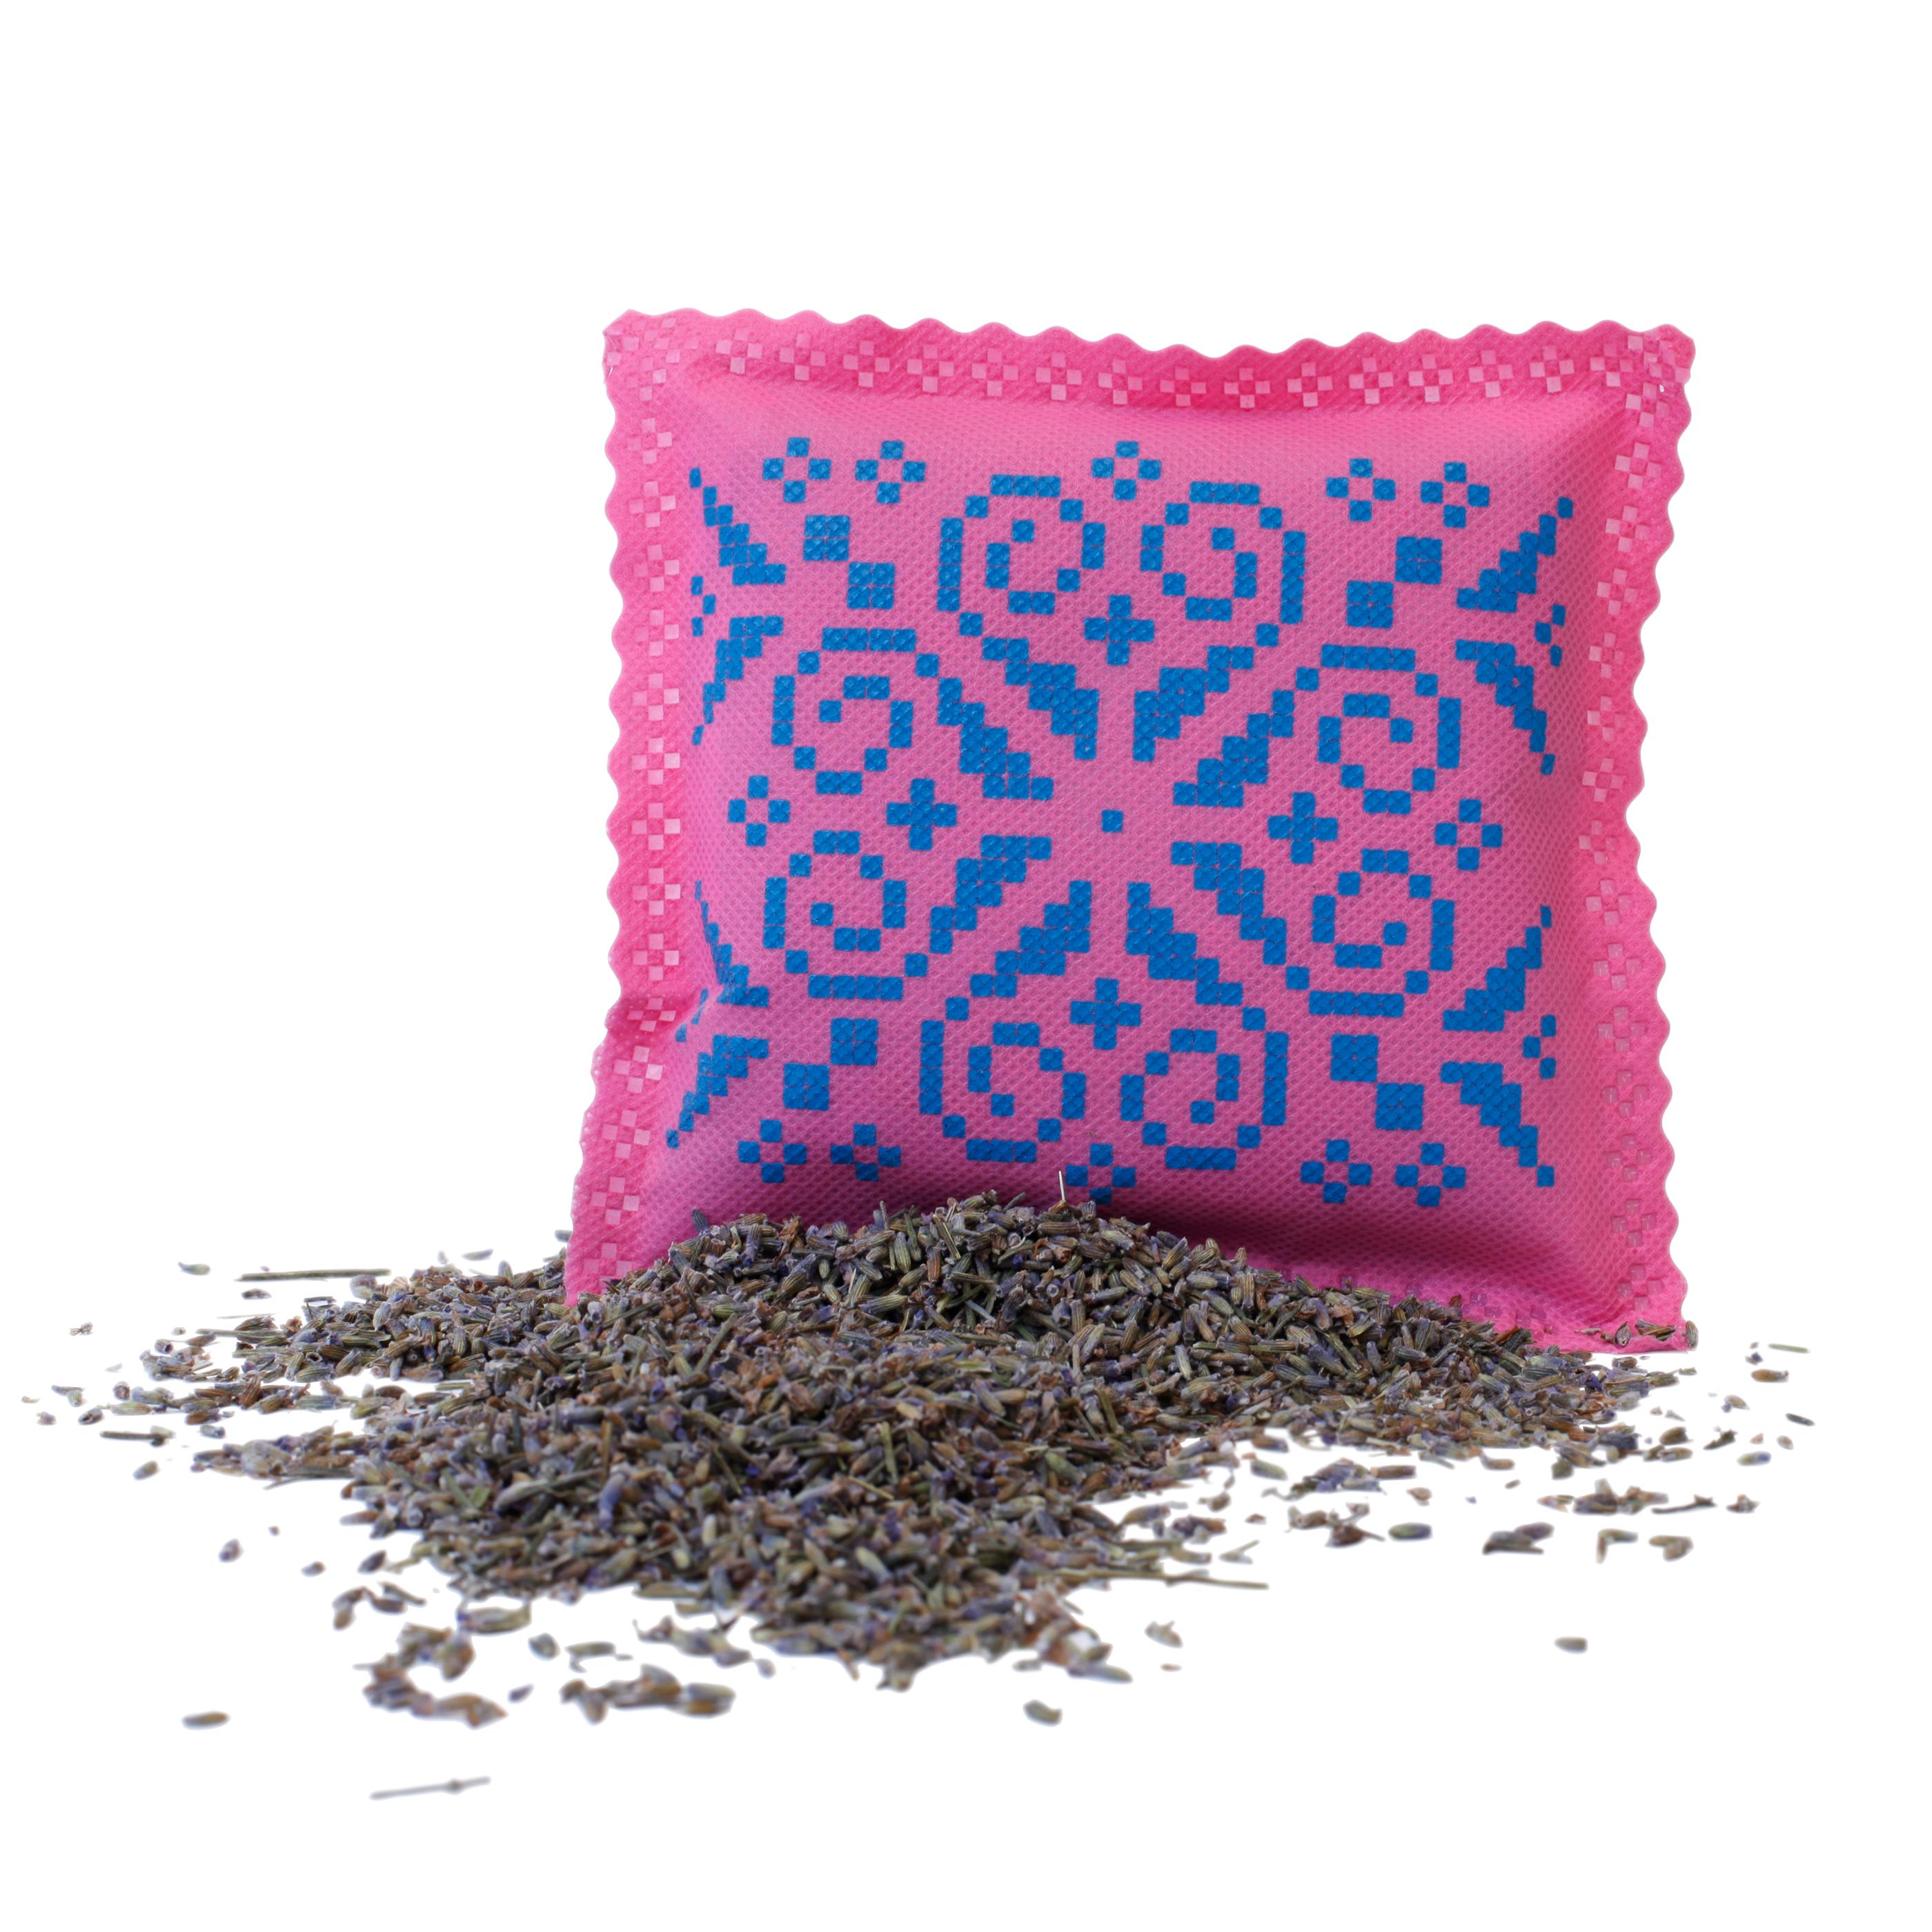 Ekologisk Doftpåse Rosa Blå Non vowen Lavender Bosign